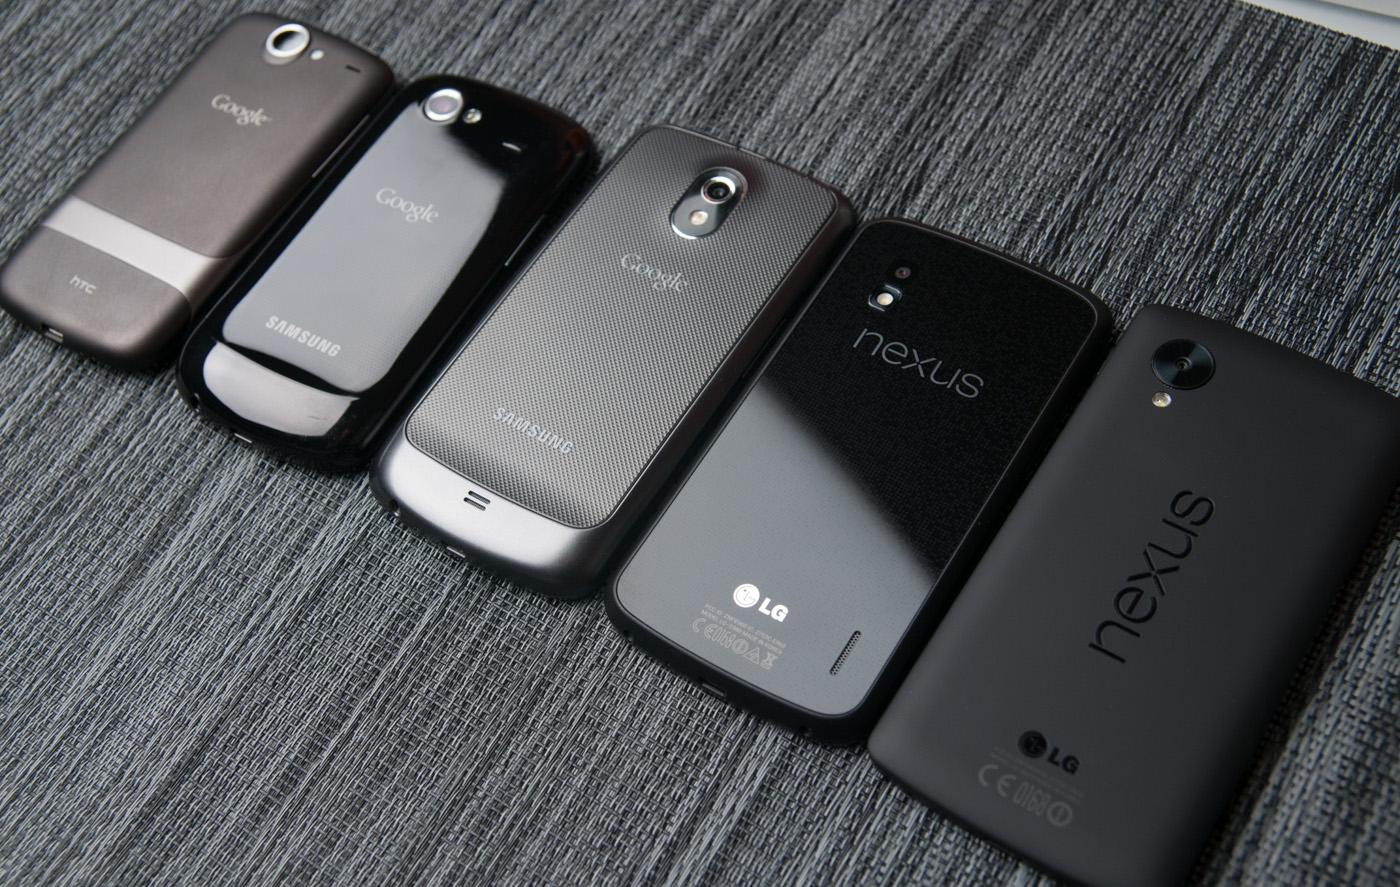 Google nexus 4 review pictures it pro - Google Nexus 4 Review Pictures It Pro 22